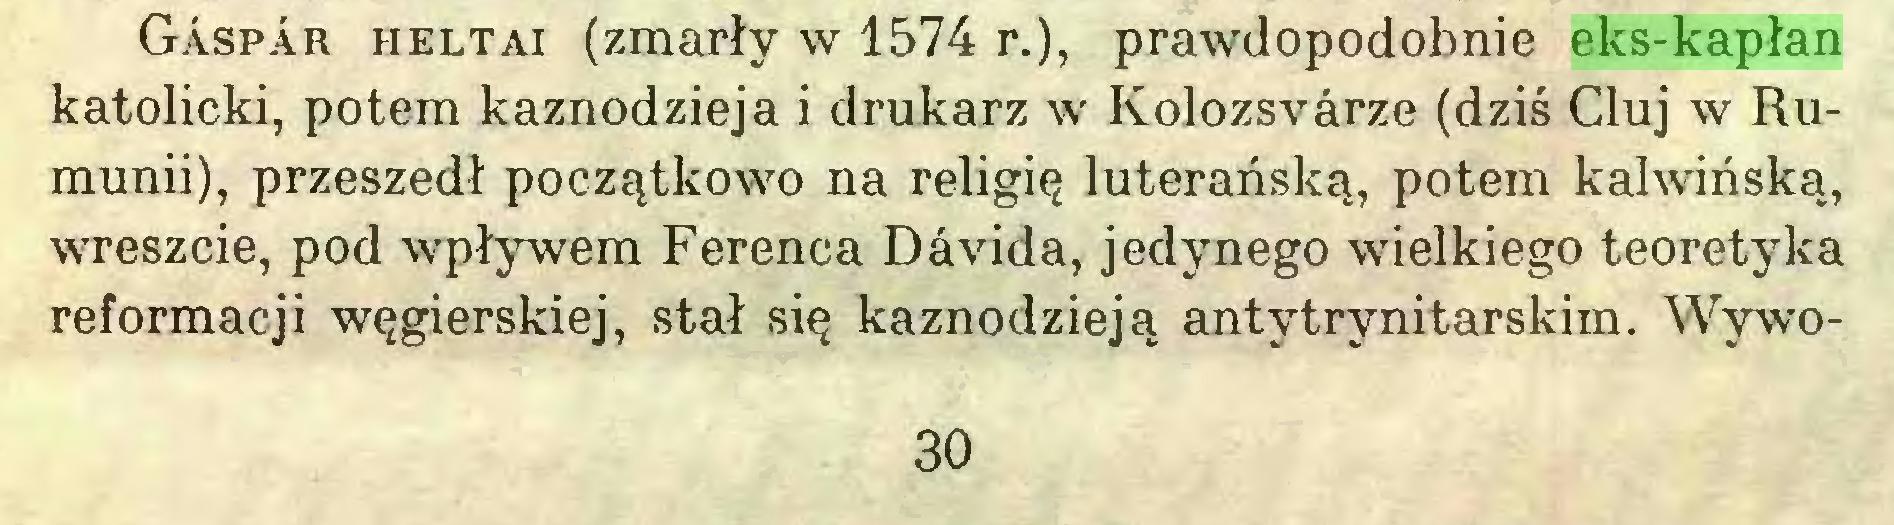 (...) Gaspar heltai (zmarły w 1574 r.), prawdopodobnie eks-kapłan katolicki, potem kaznodzieja i drukarz w Kolozsvárze (dziś Cluj w Rumunii), przeszedł początkowo na religię luterańską, potem kalwińską, wreszcie, pod wpływem Ferenca Dávida, jedynego wielkiego teoretyka reformacji węgierskiej, stał się kaznodzieją antytrynitarskim. Wywo30...